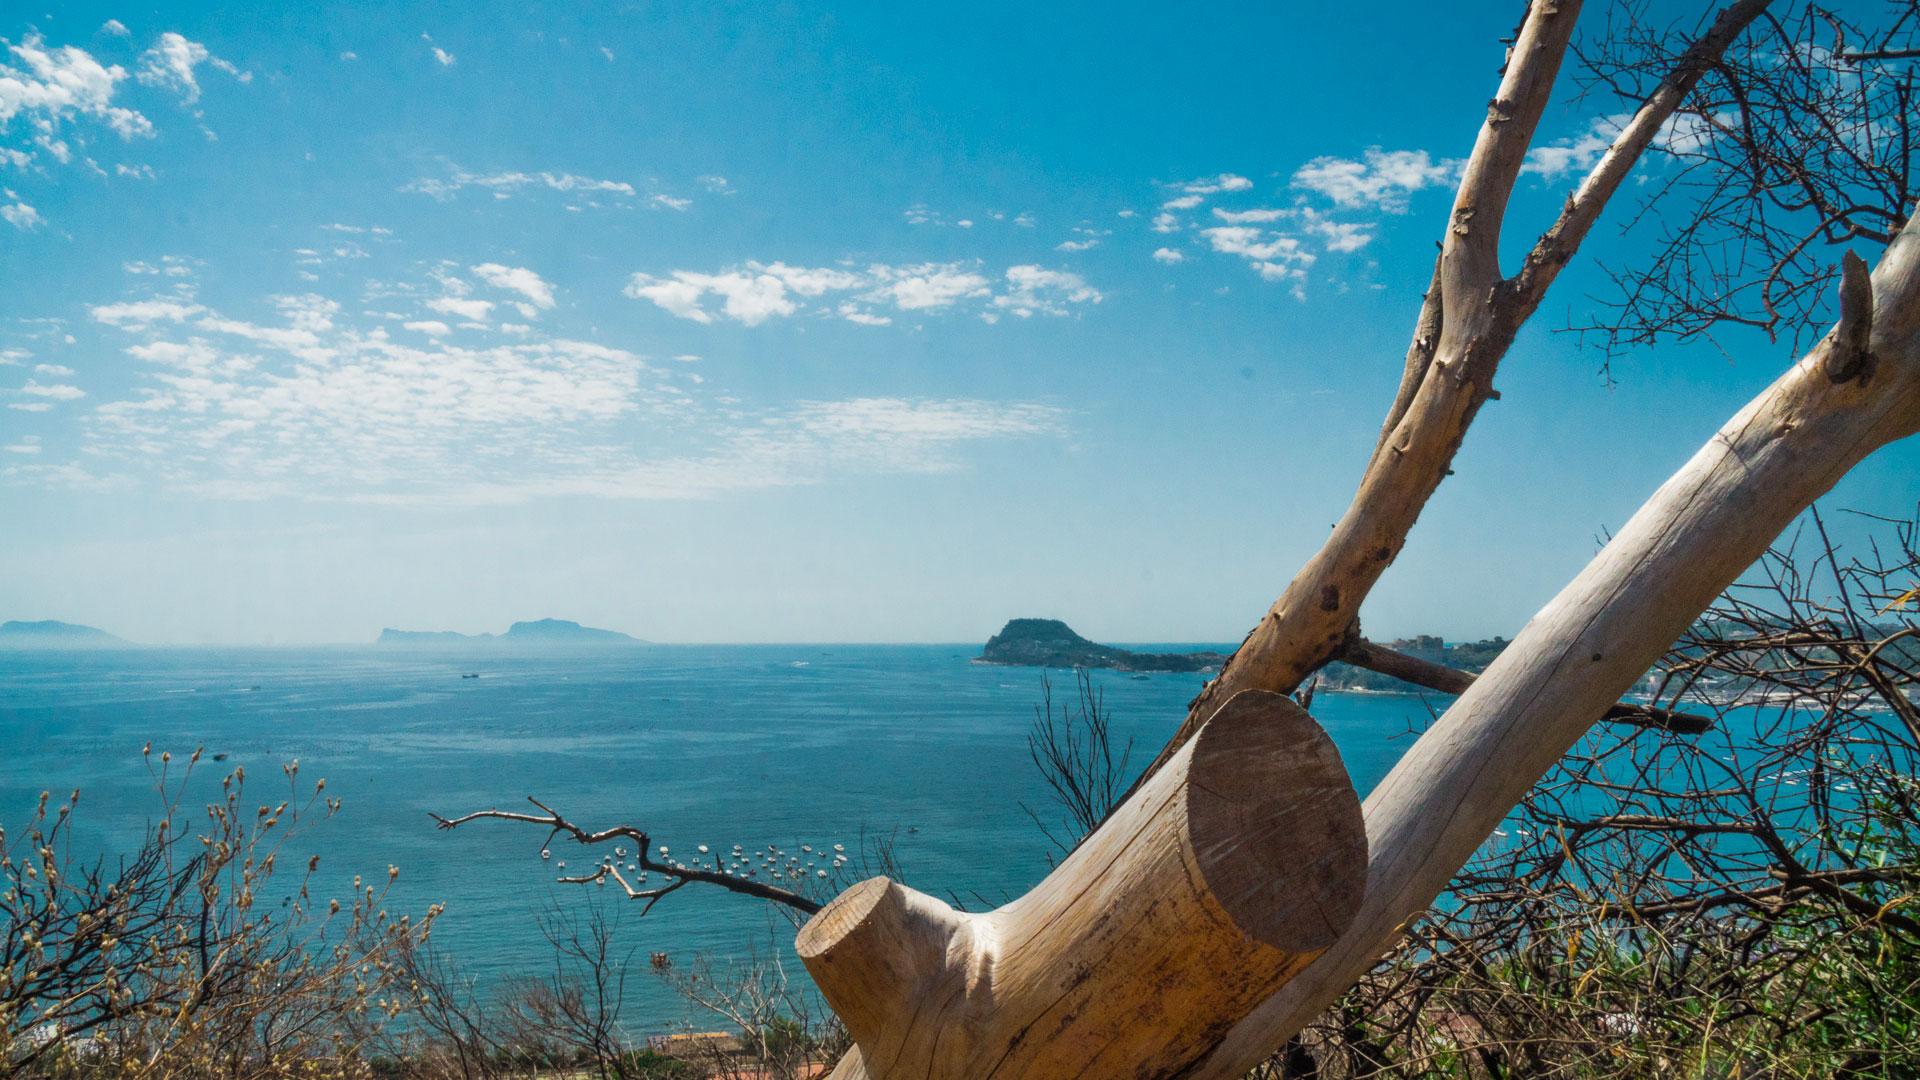 L'Oasi naturalistica di Monte Nuovo, un vulcano sorprendente